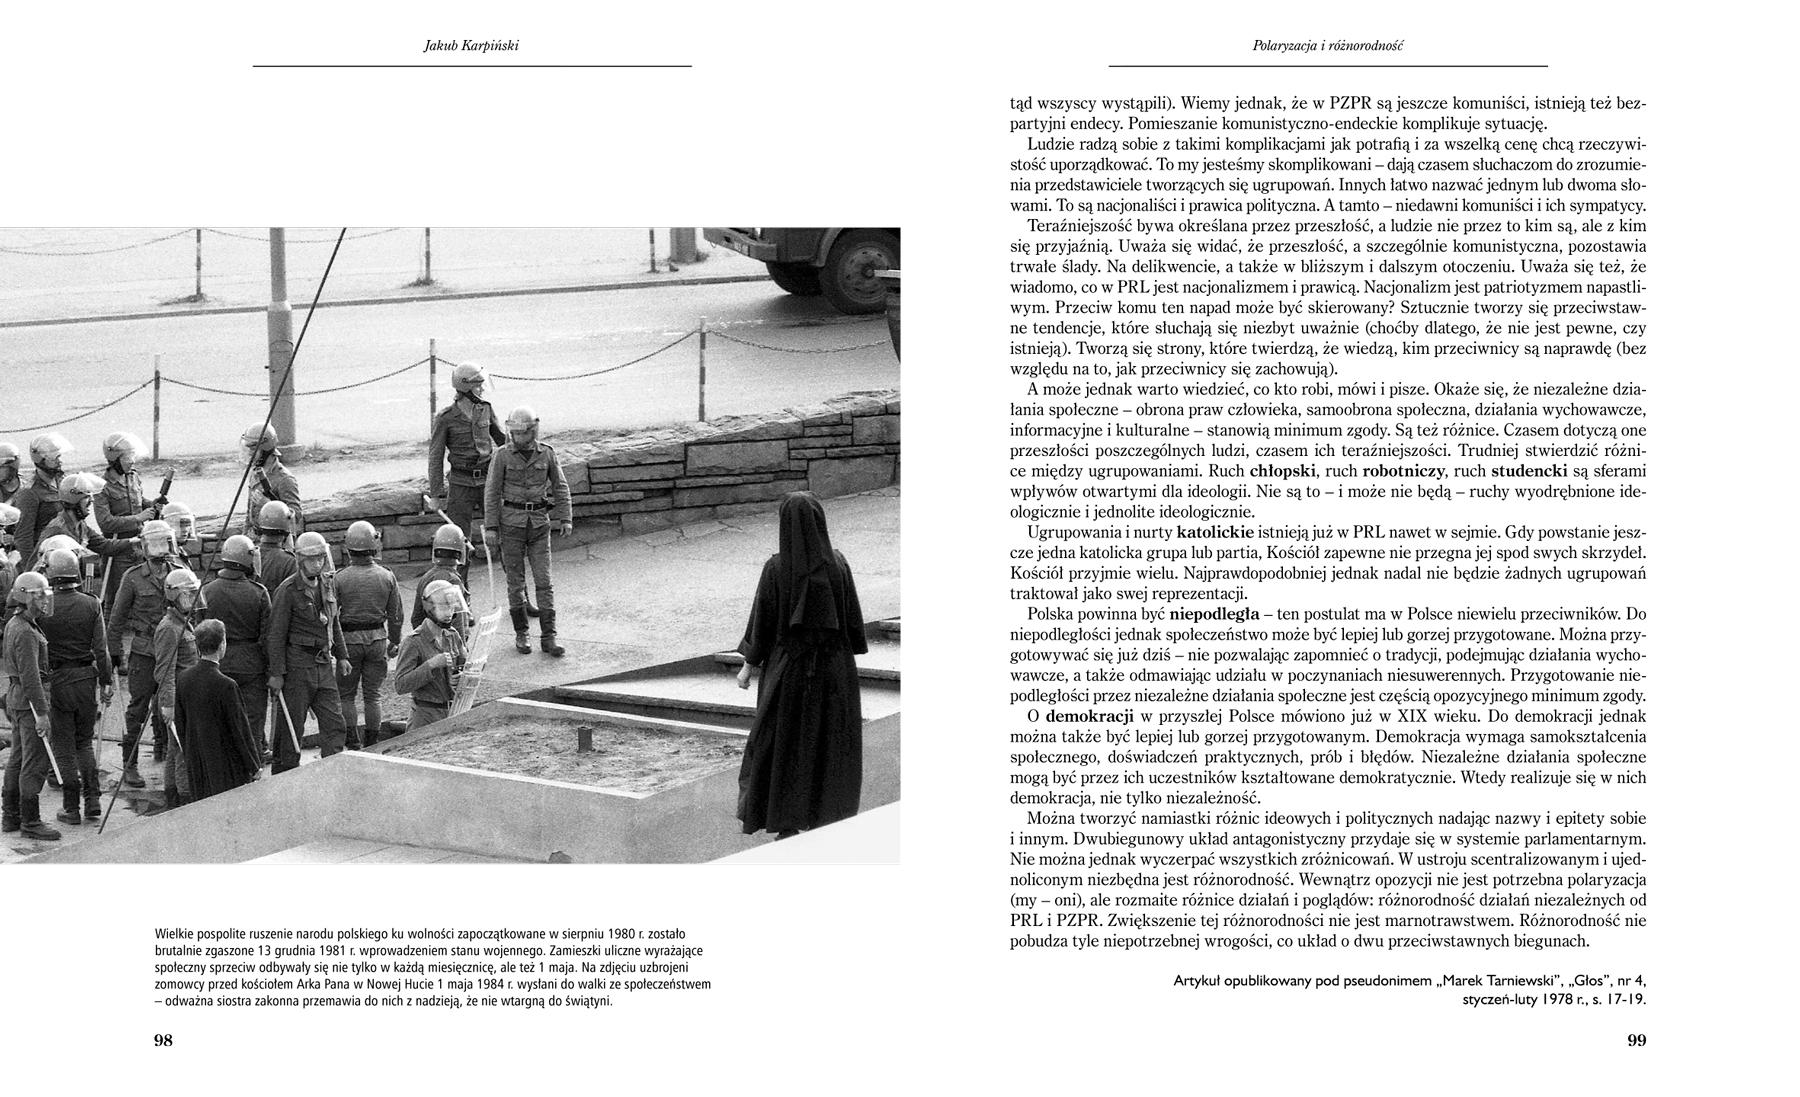 Głos Niepodległości - strony 98-99